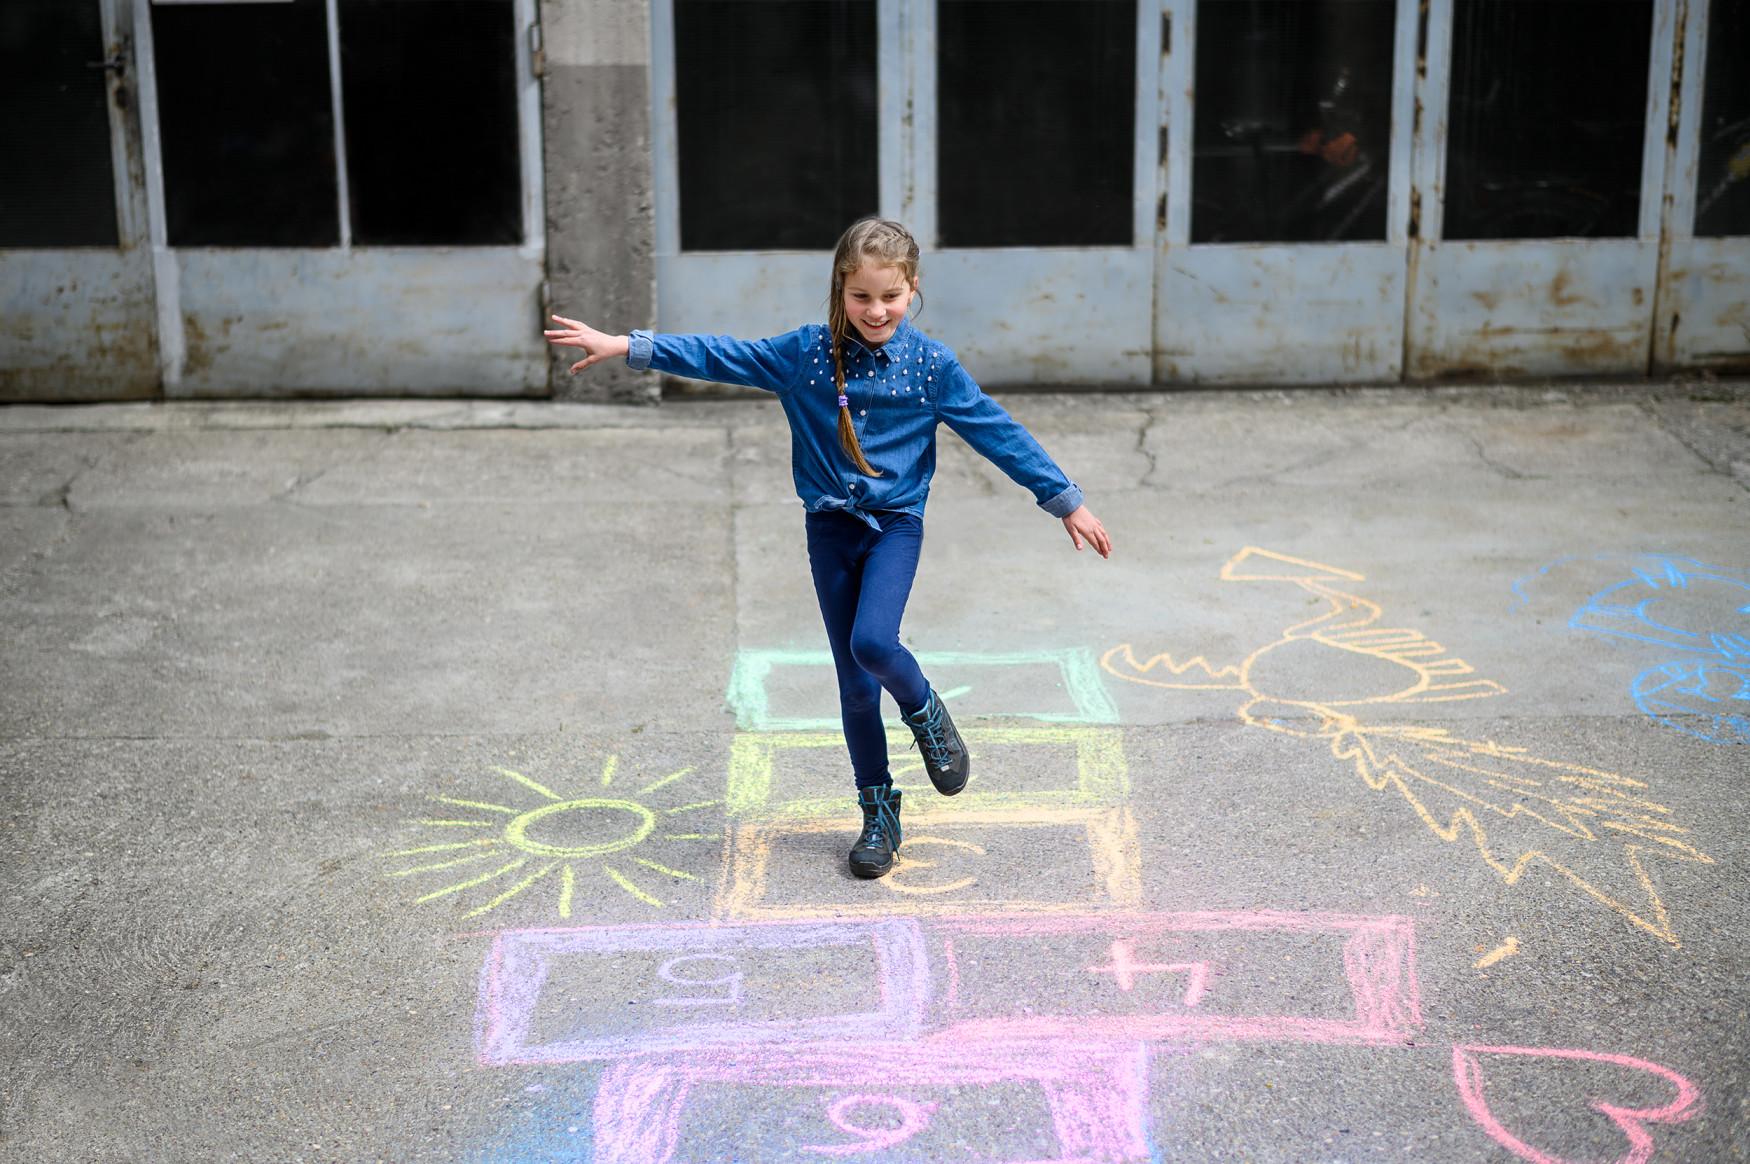 Cette chaussure outdoor pour enfants est prévue pour les randonnées de difficulté modérée sur terrain bétonné, et s'adapte aux exigences particulières des tout-petits. Son look dynamique rappelle fortement les chaussures de montagne des adultes. Doté de nombreuses fonctionnalités, le modèle APPROACH GTX® MID JUNIOR transforme chaque sortie en aventure.